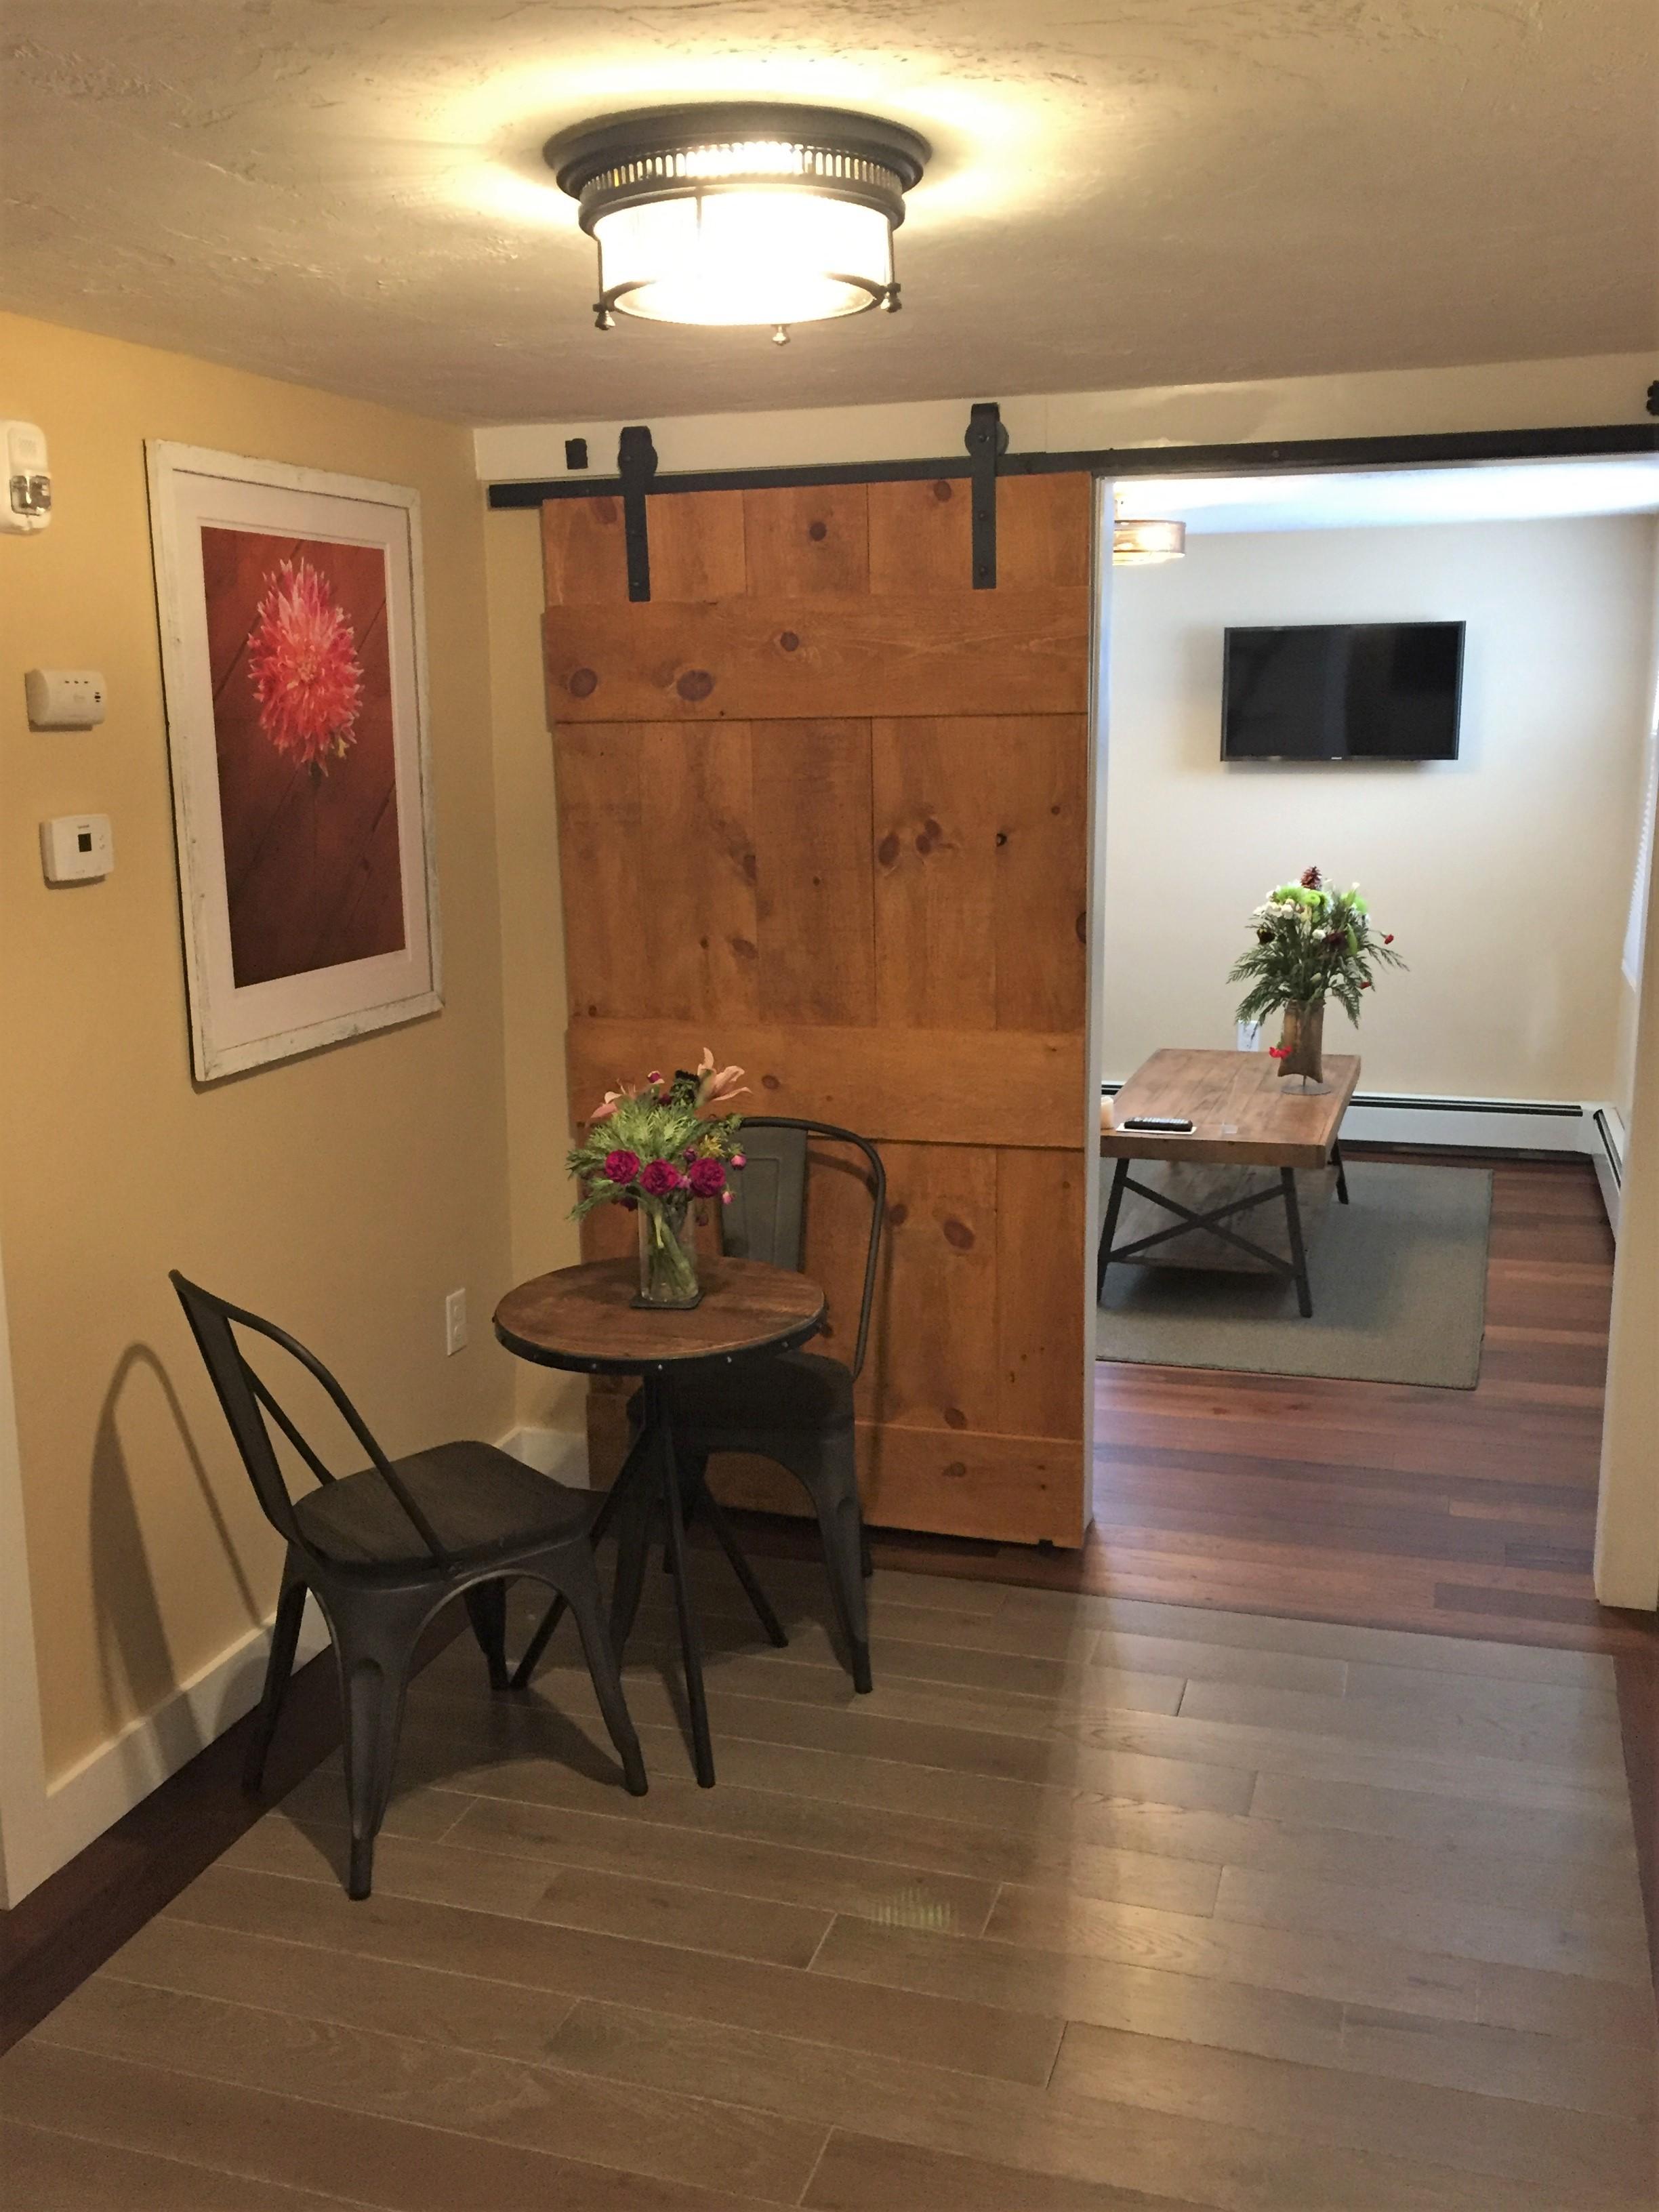 Sea Street Inn - Suite One - Entry.JPG